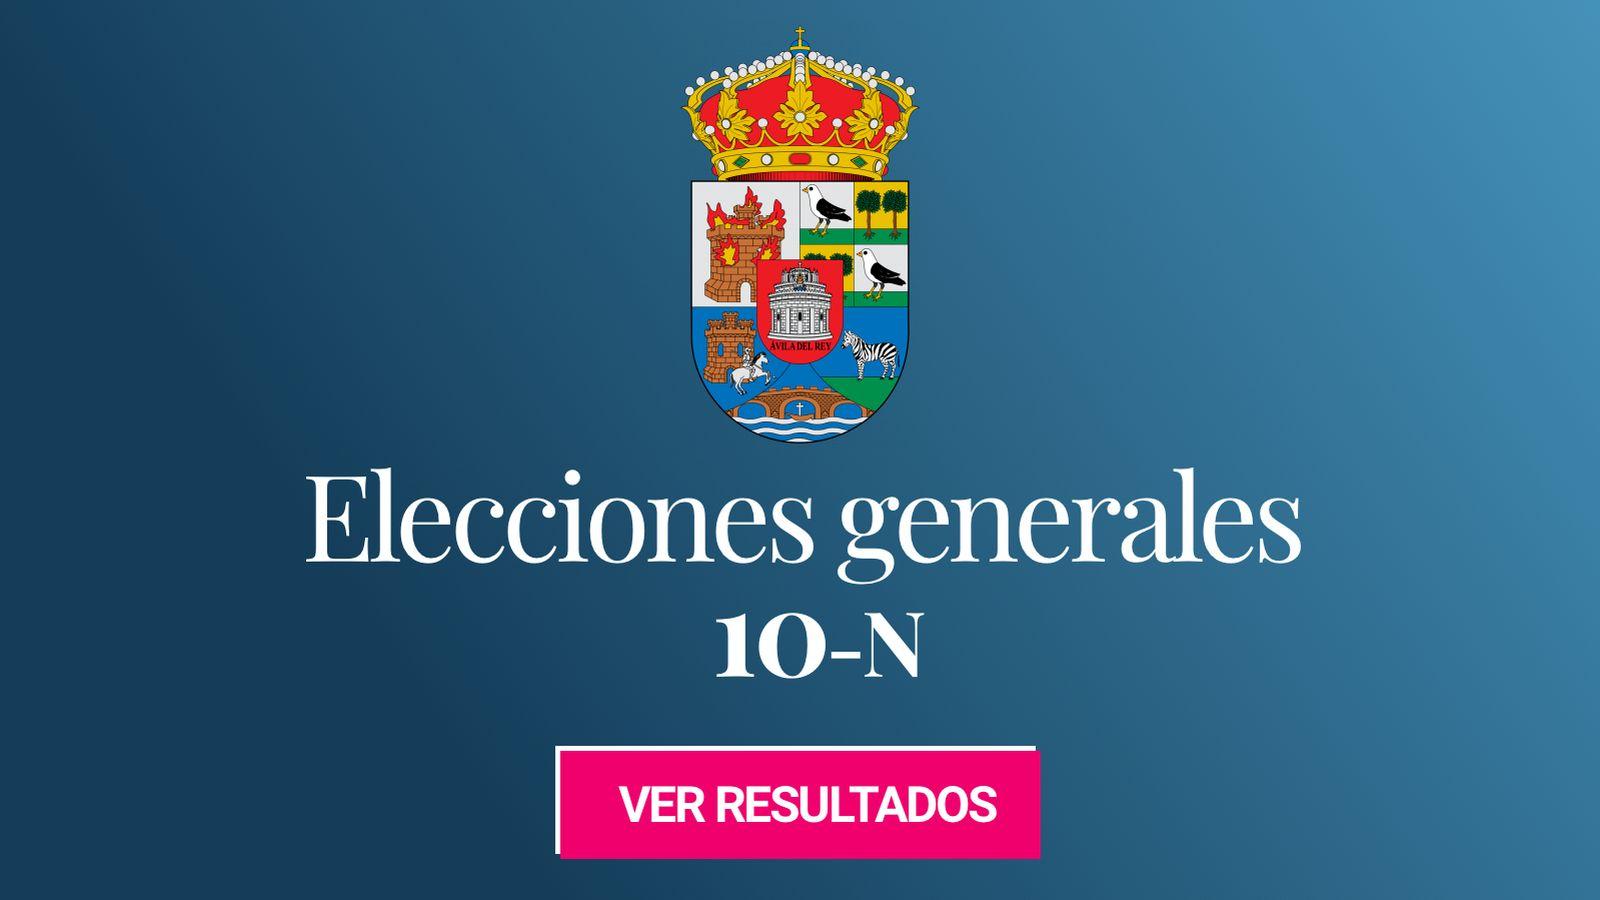 Foto: Elecciones generales 2019 en la provincia de Ávila. (C.C./HansenBCN)